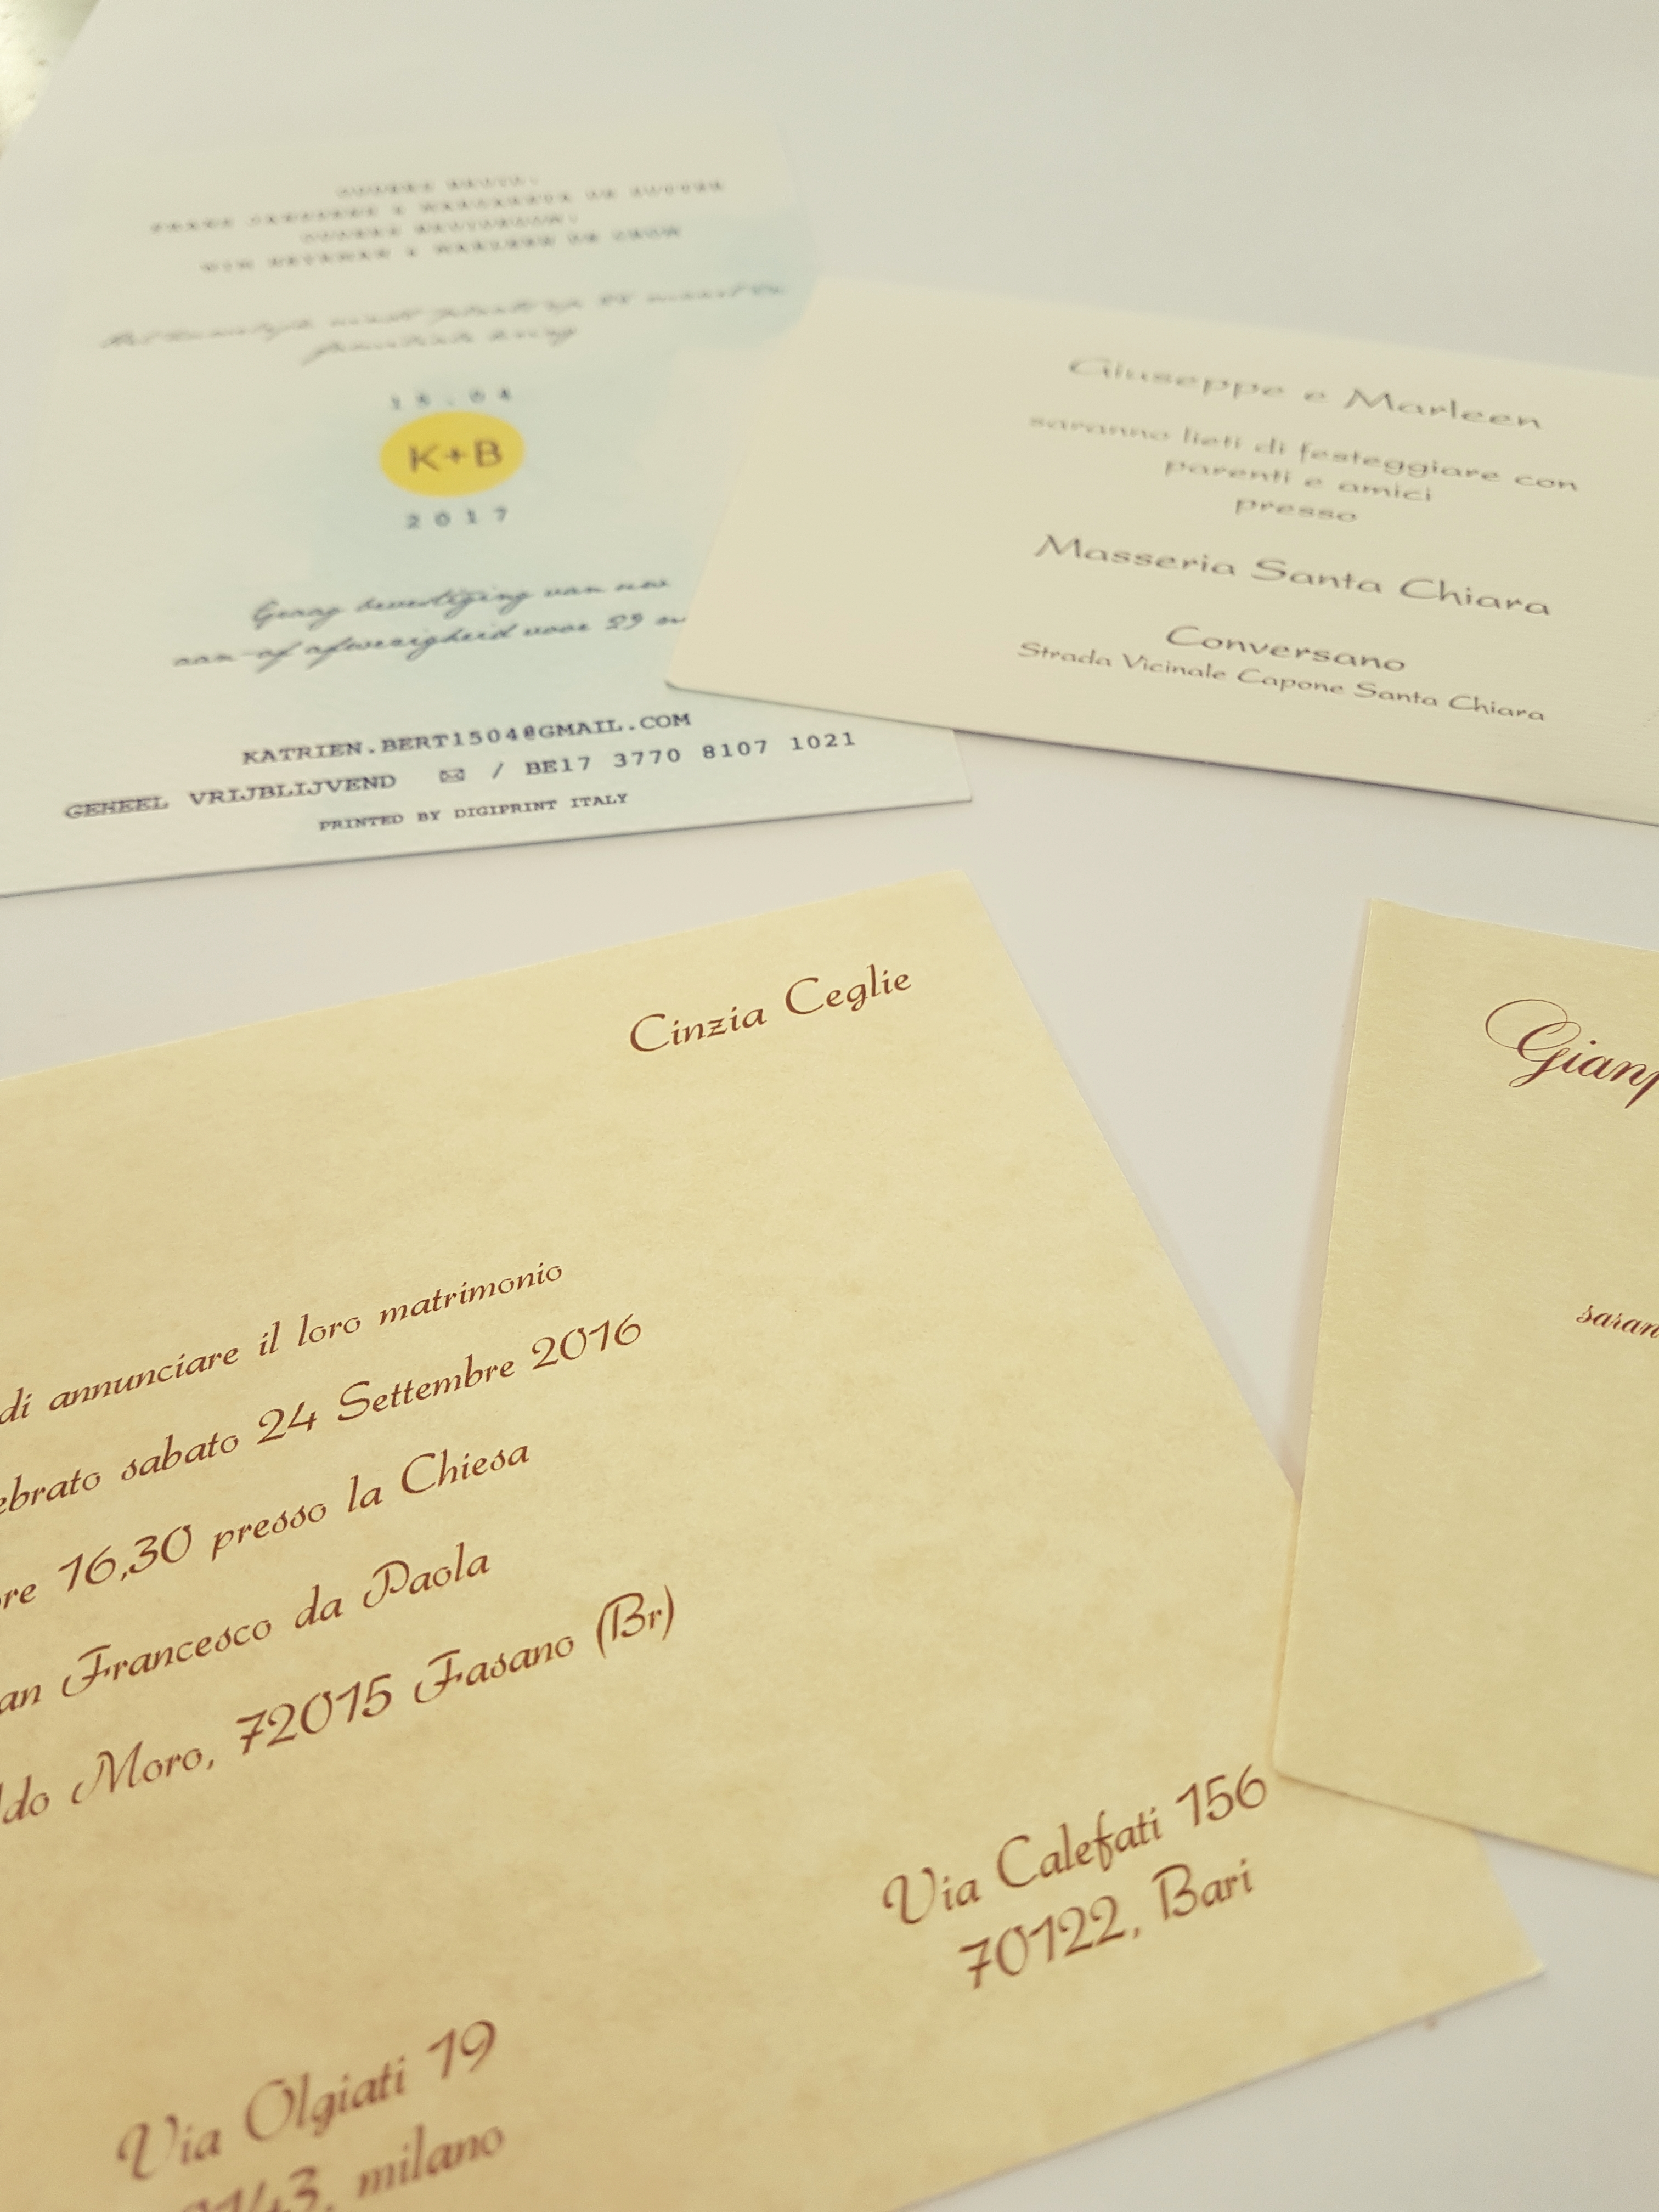 Partecipazioni Matrimonio Bari.Partecipazioni Di Nozze Digiprint Srl Bari